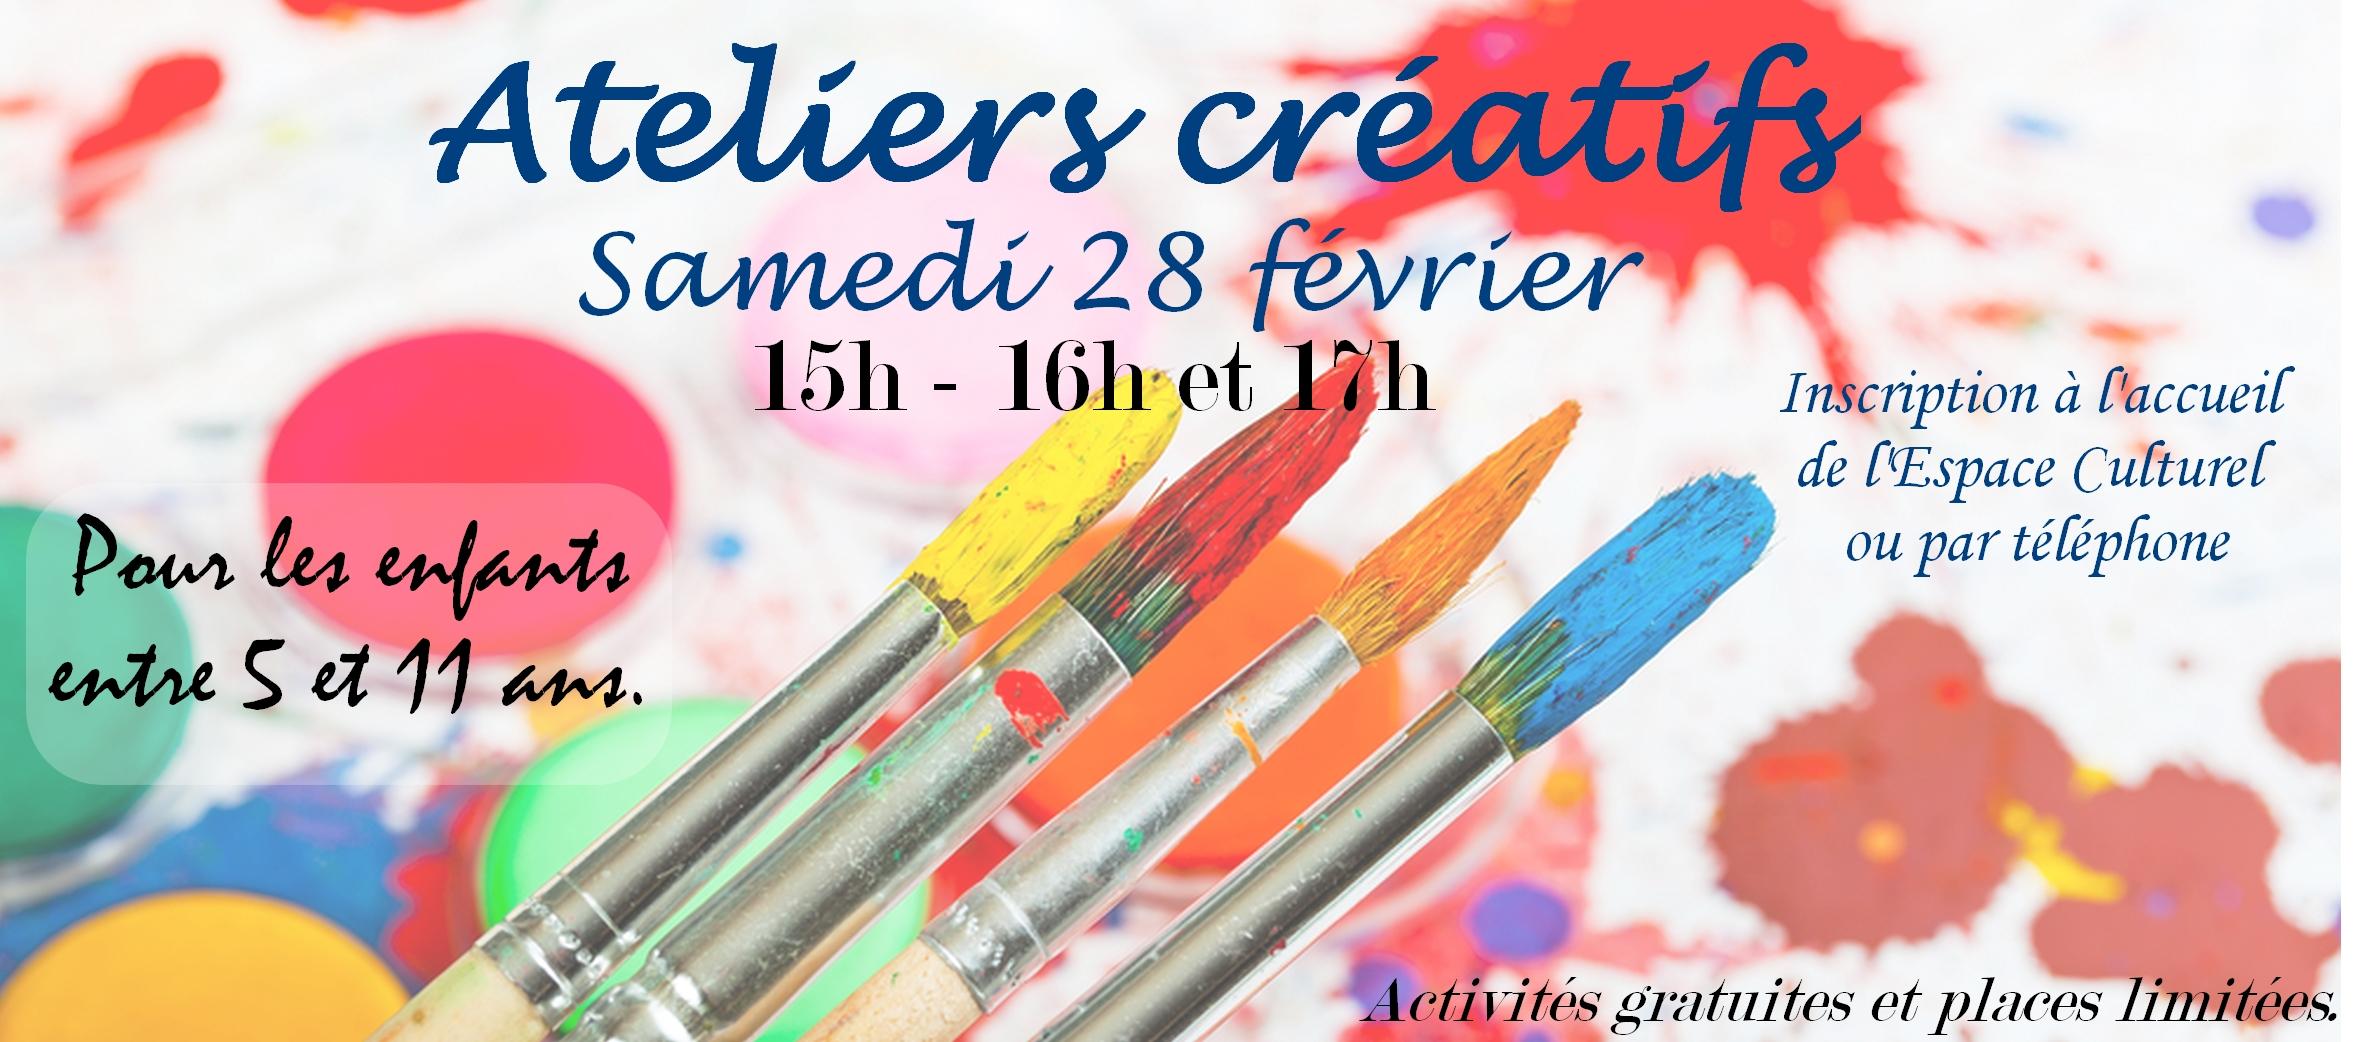 Atelier+cr%c3%a9atif